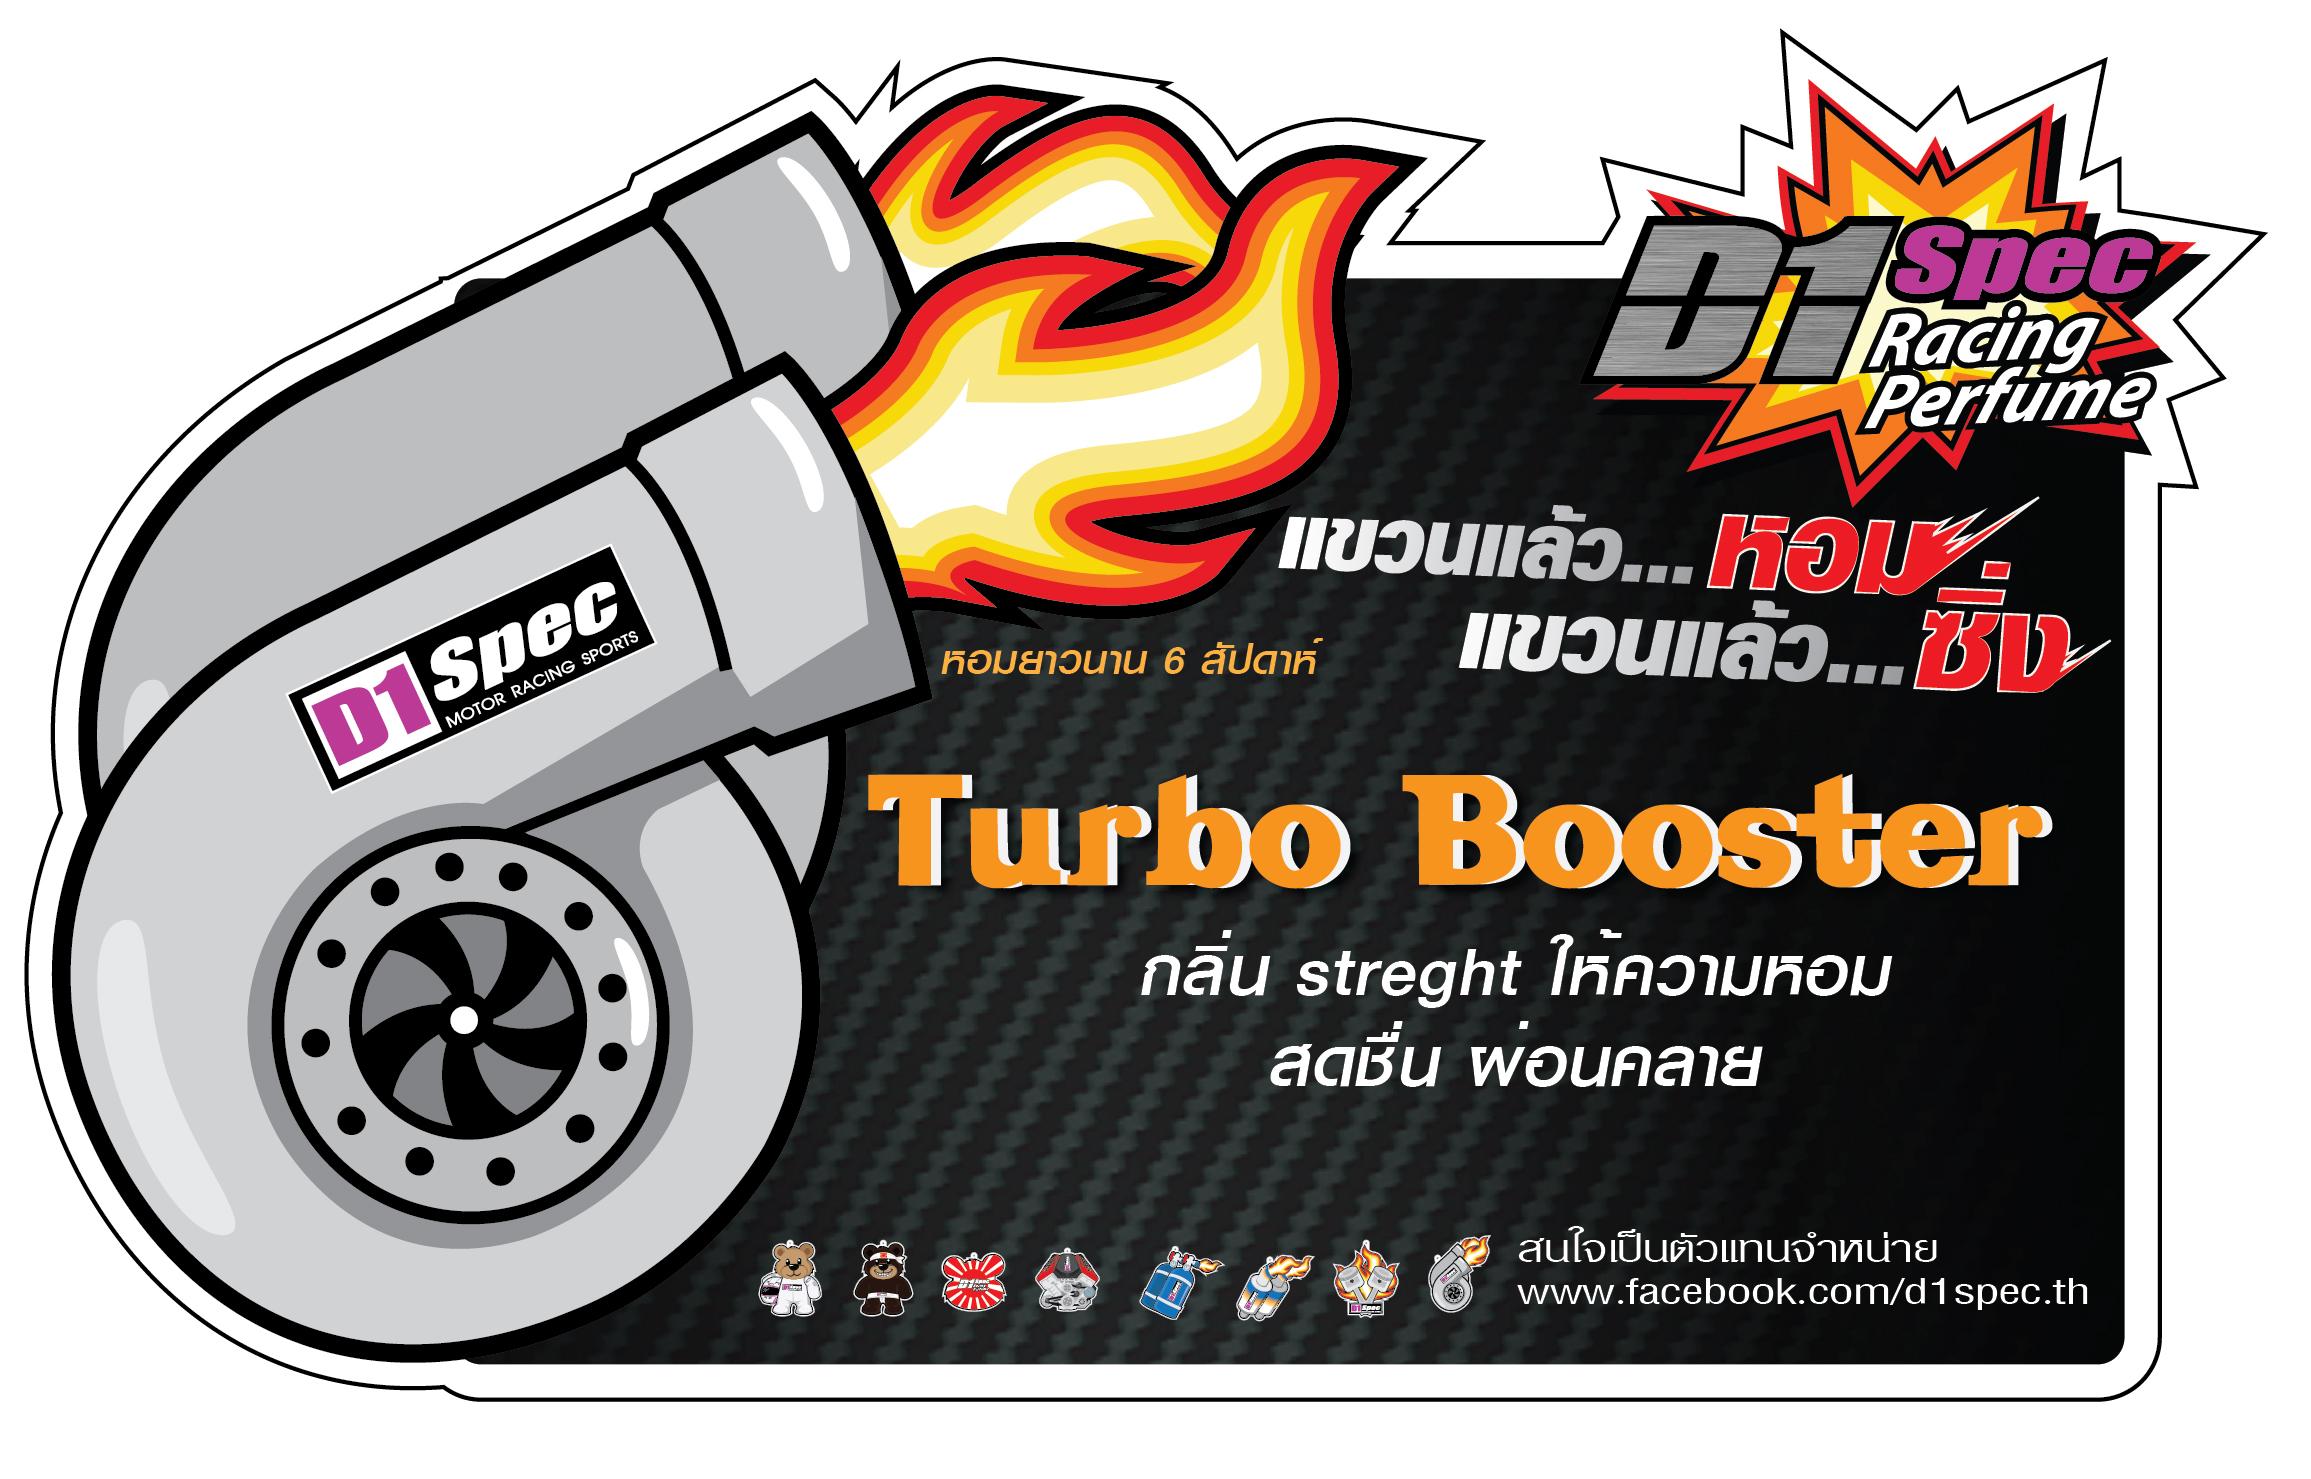 แผ่นน้ำหอมซิ่ง D1 Spec Racing Perfume กลิ่น Turbo Booster